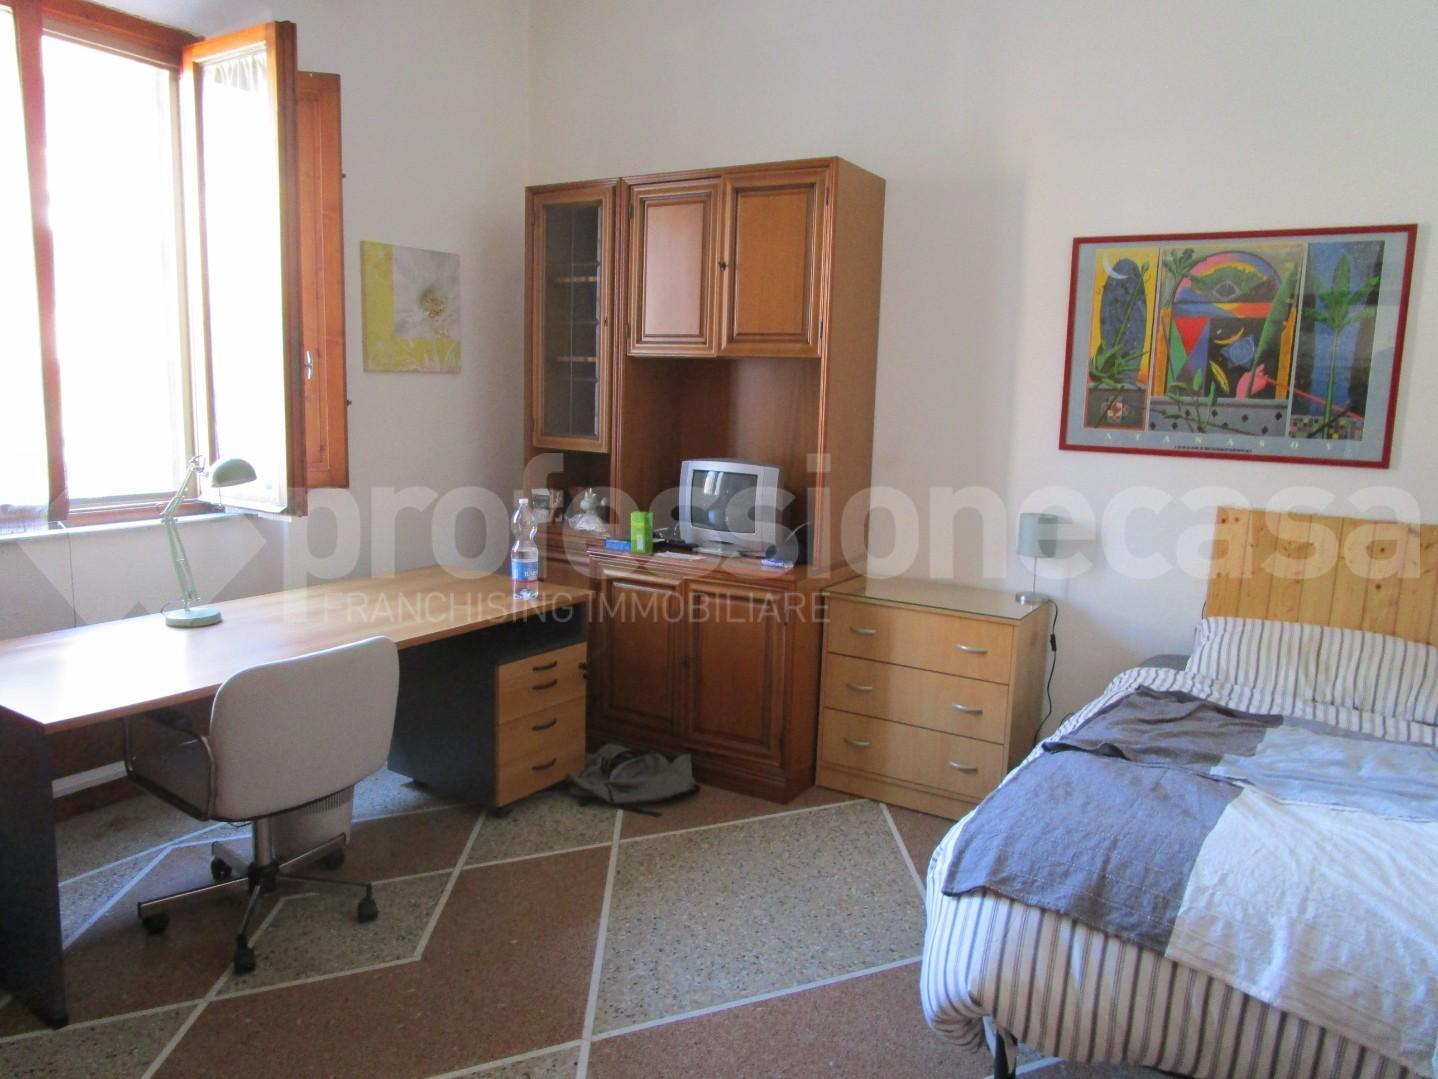 Stanza/Posto Letto in affitto a Pisa